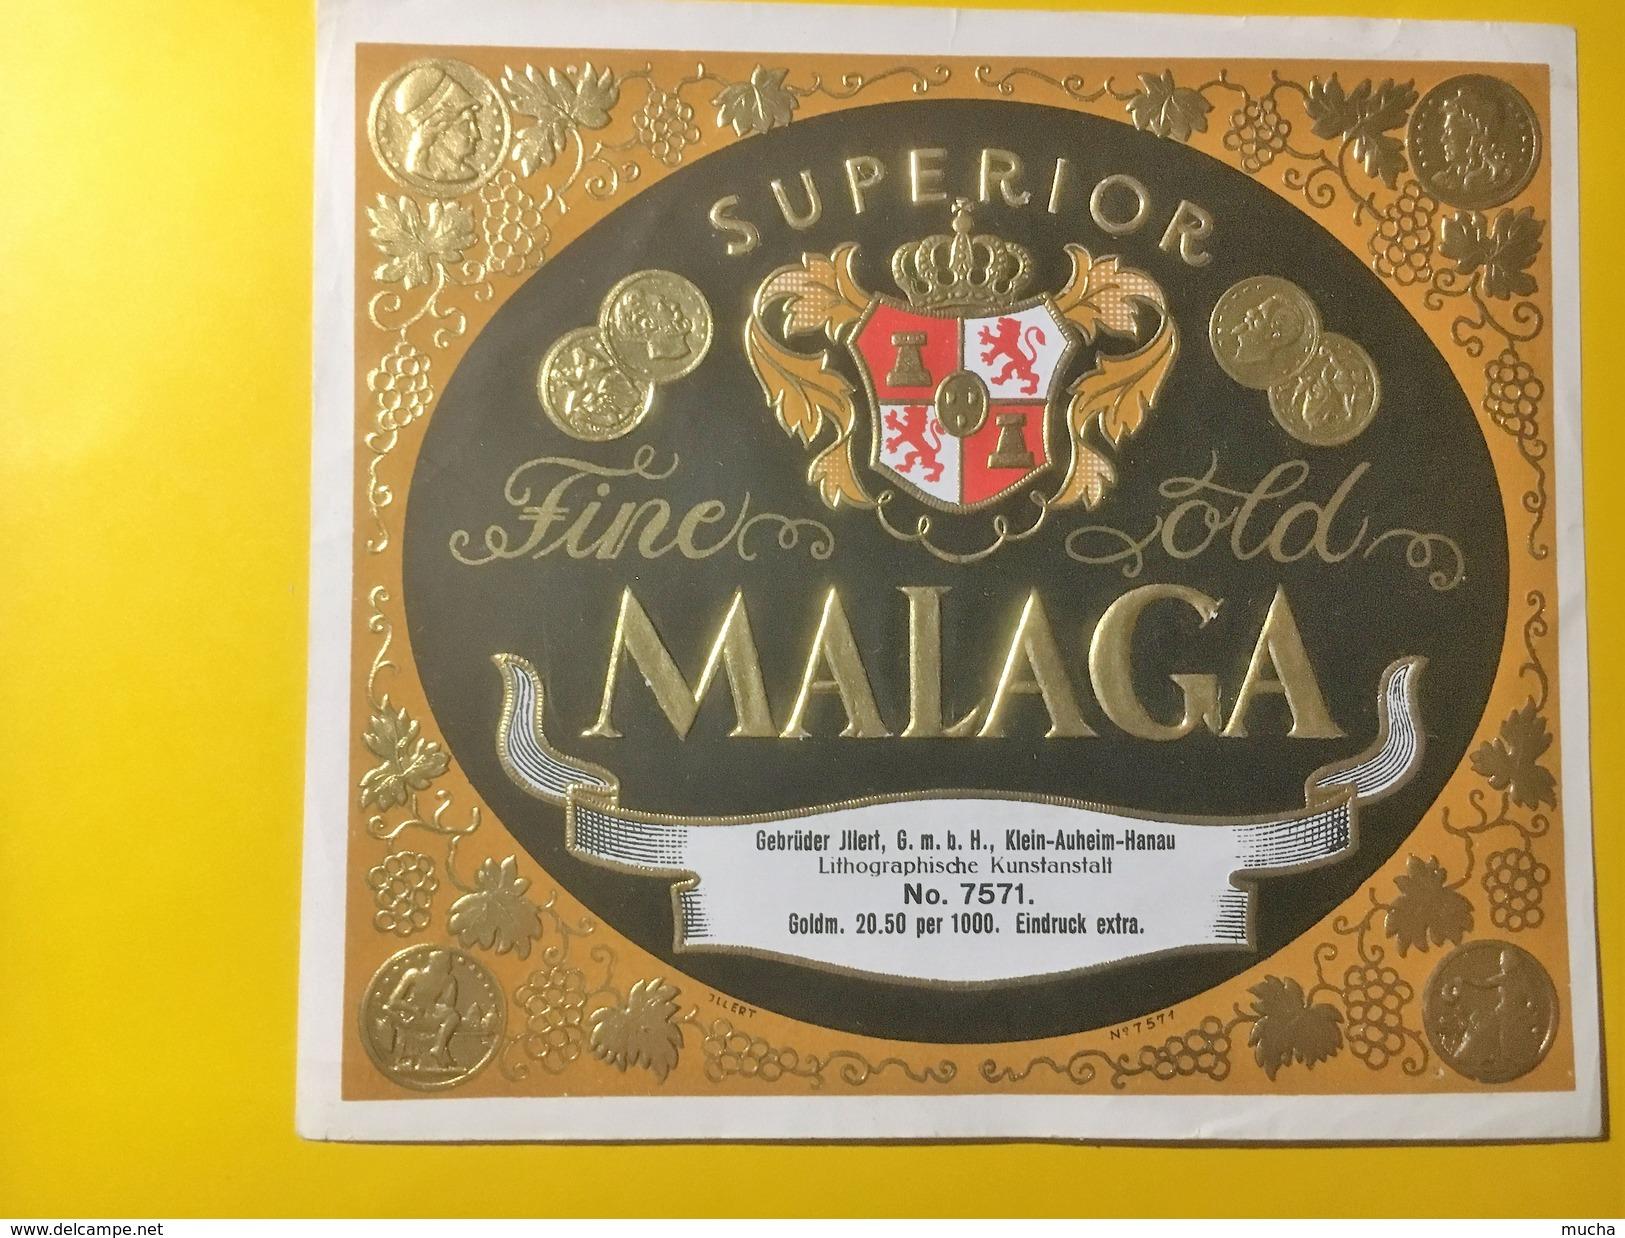 2721 - Espagne Malaga Superior Fine Old étiquette Neuve Imprimerie Allemande Vers 1910-1915 Voir Description - Etiquettes